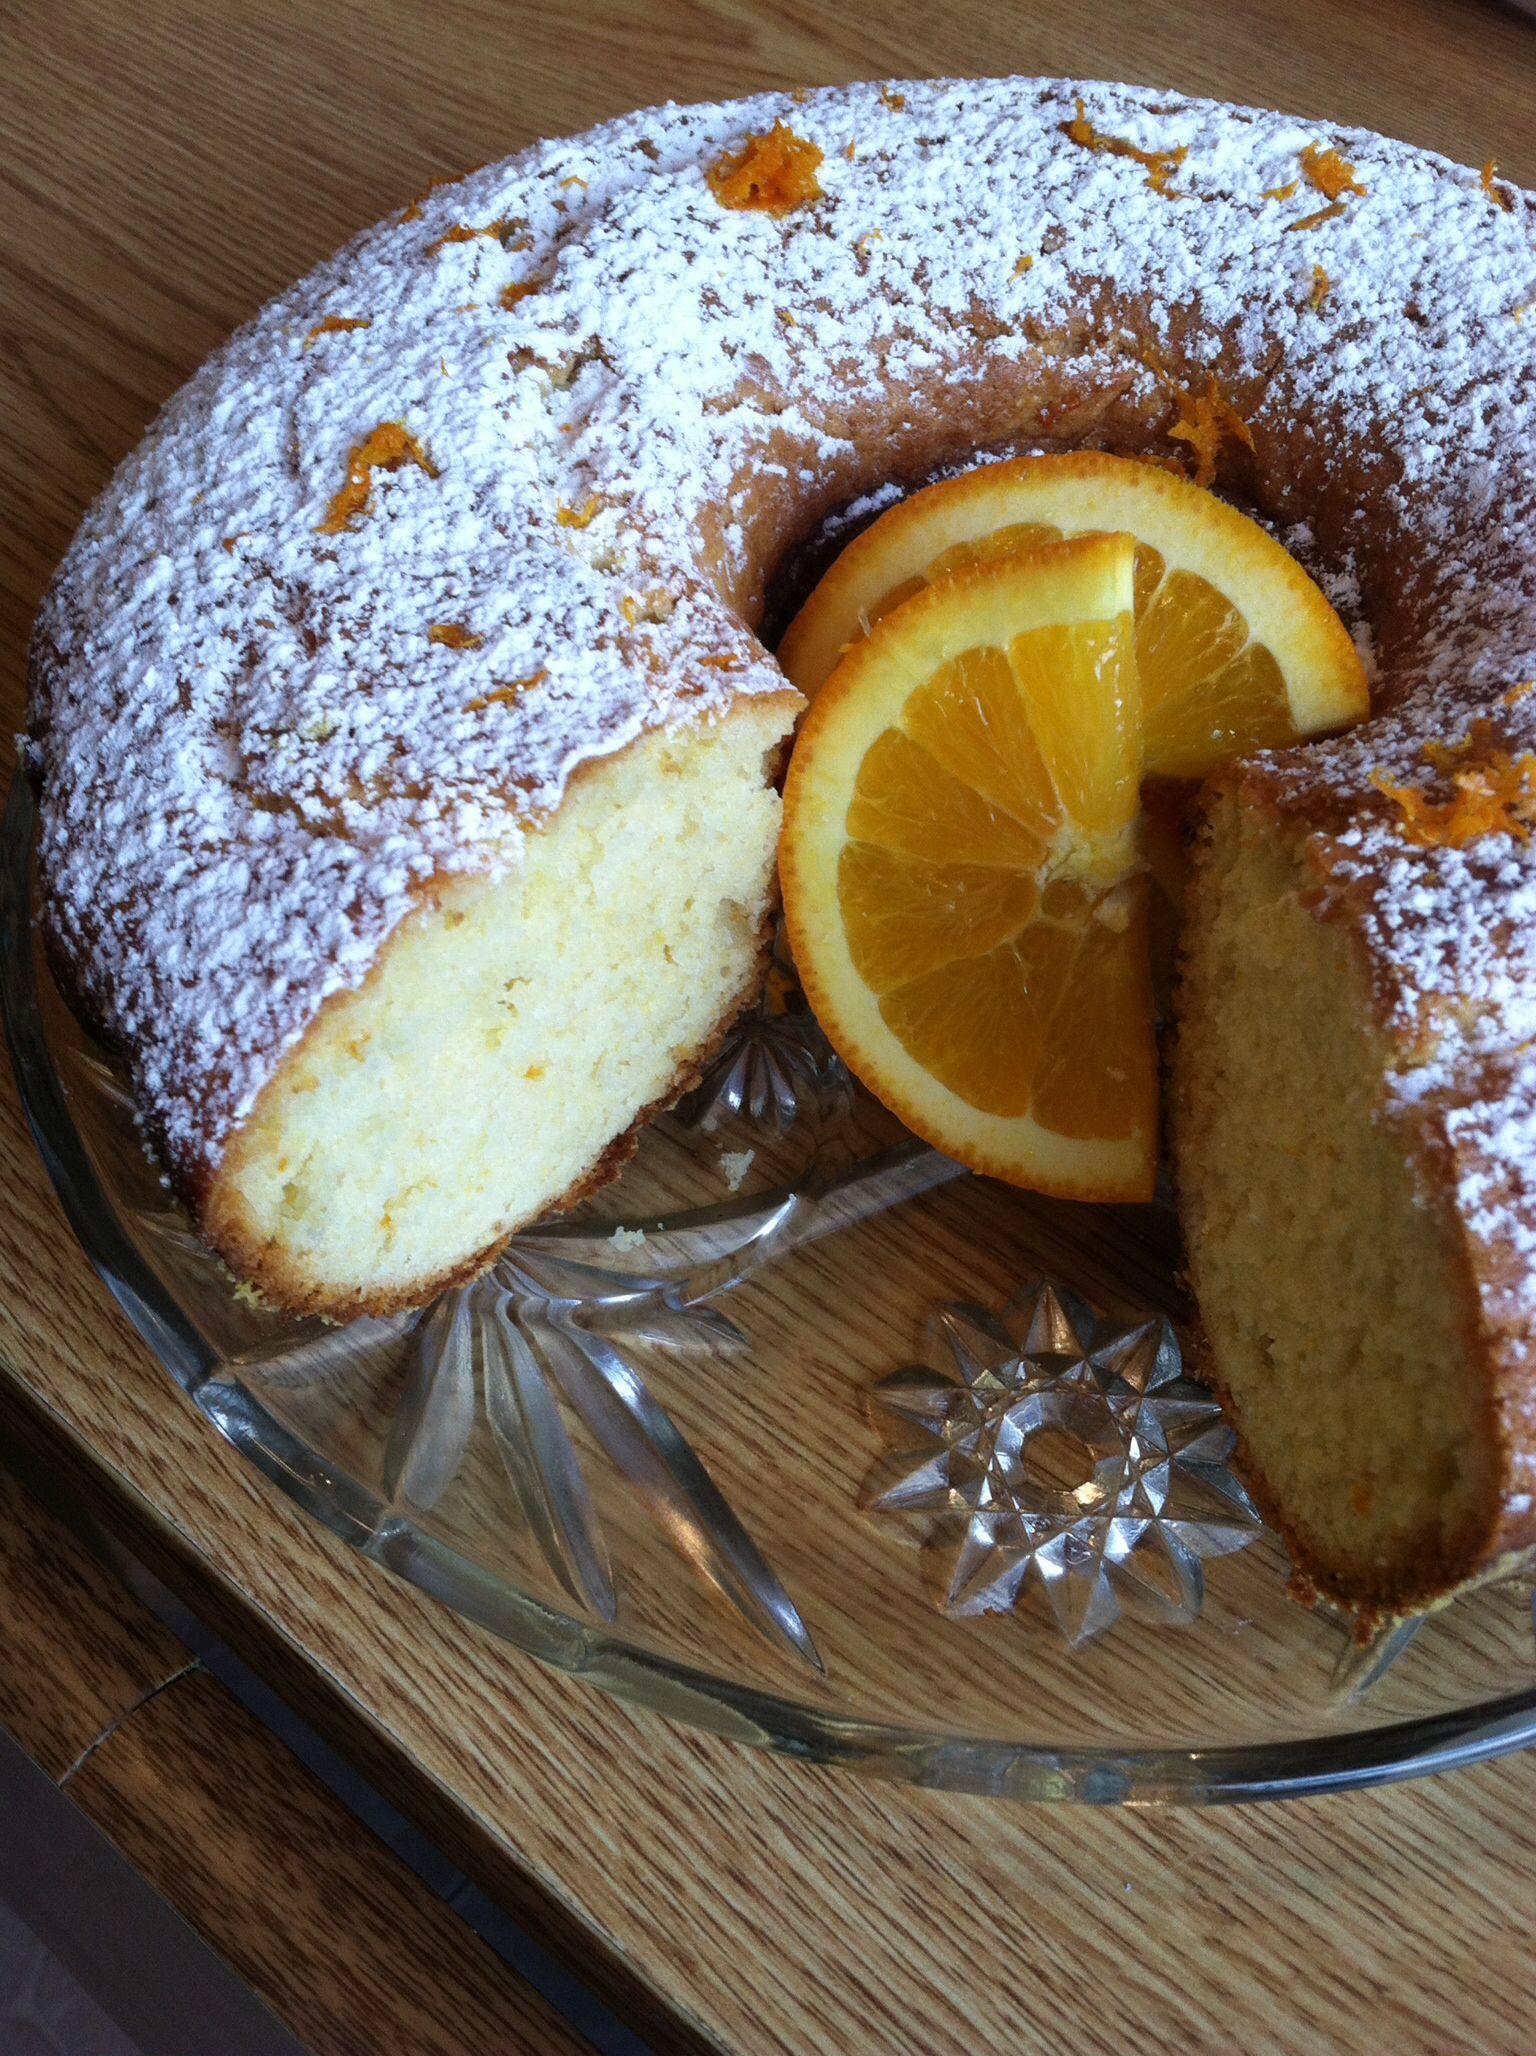 Orange yogurt cake 123113 ingredients 2 large eggs